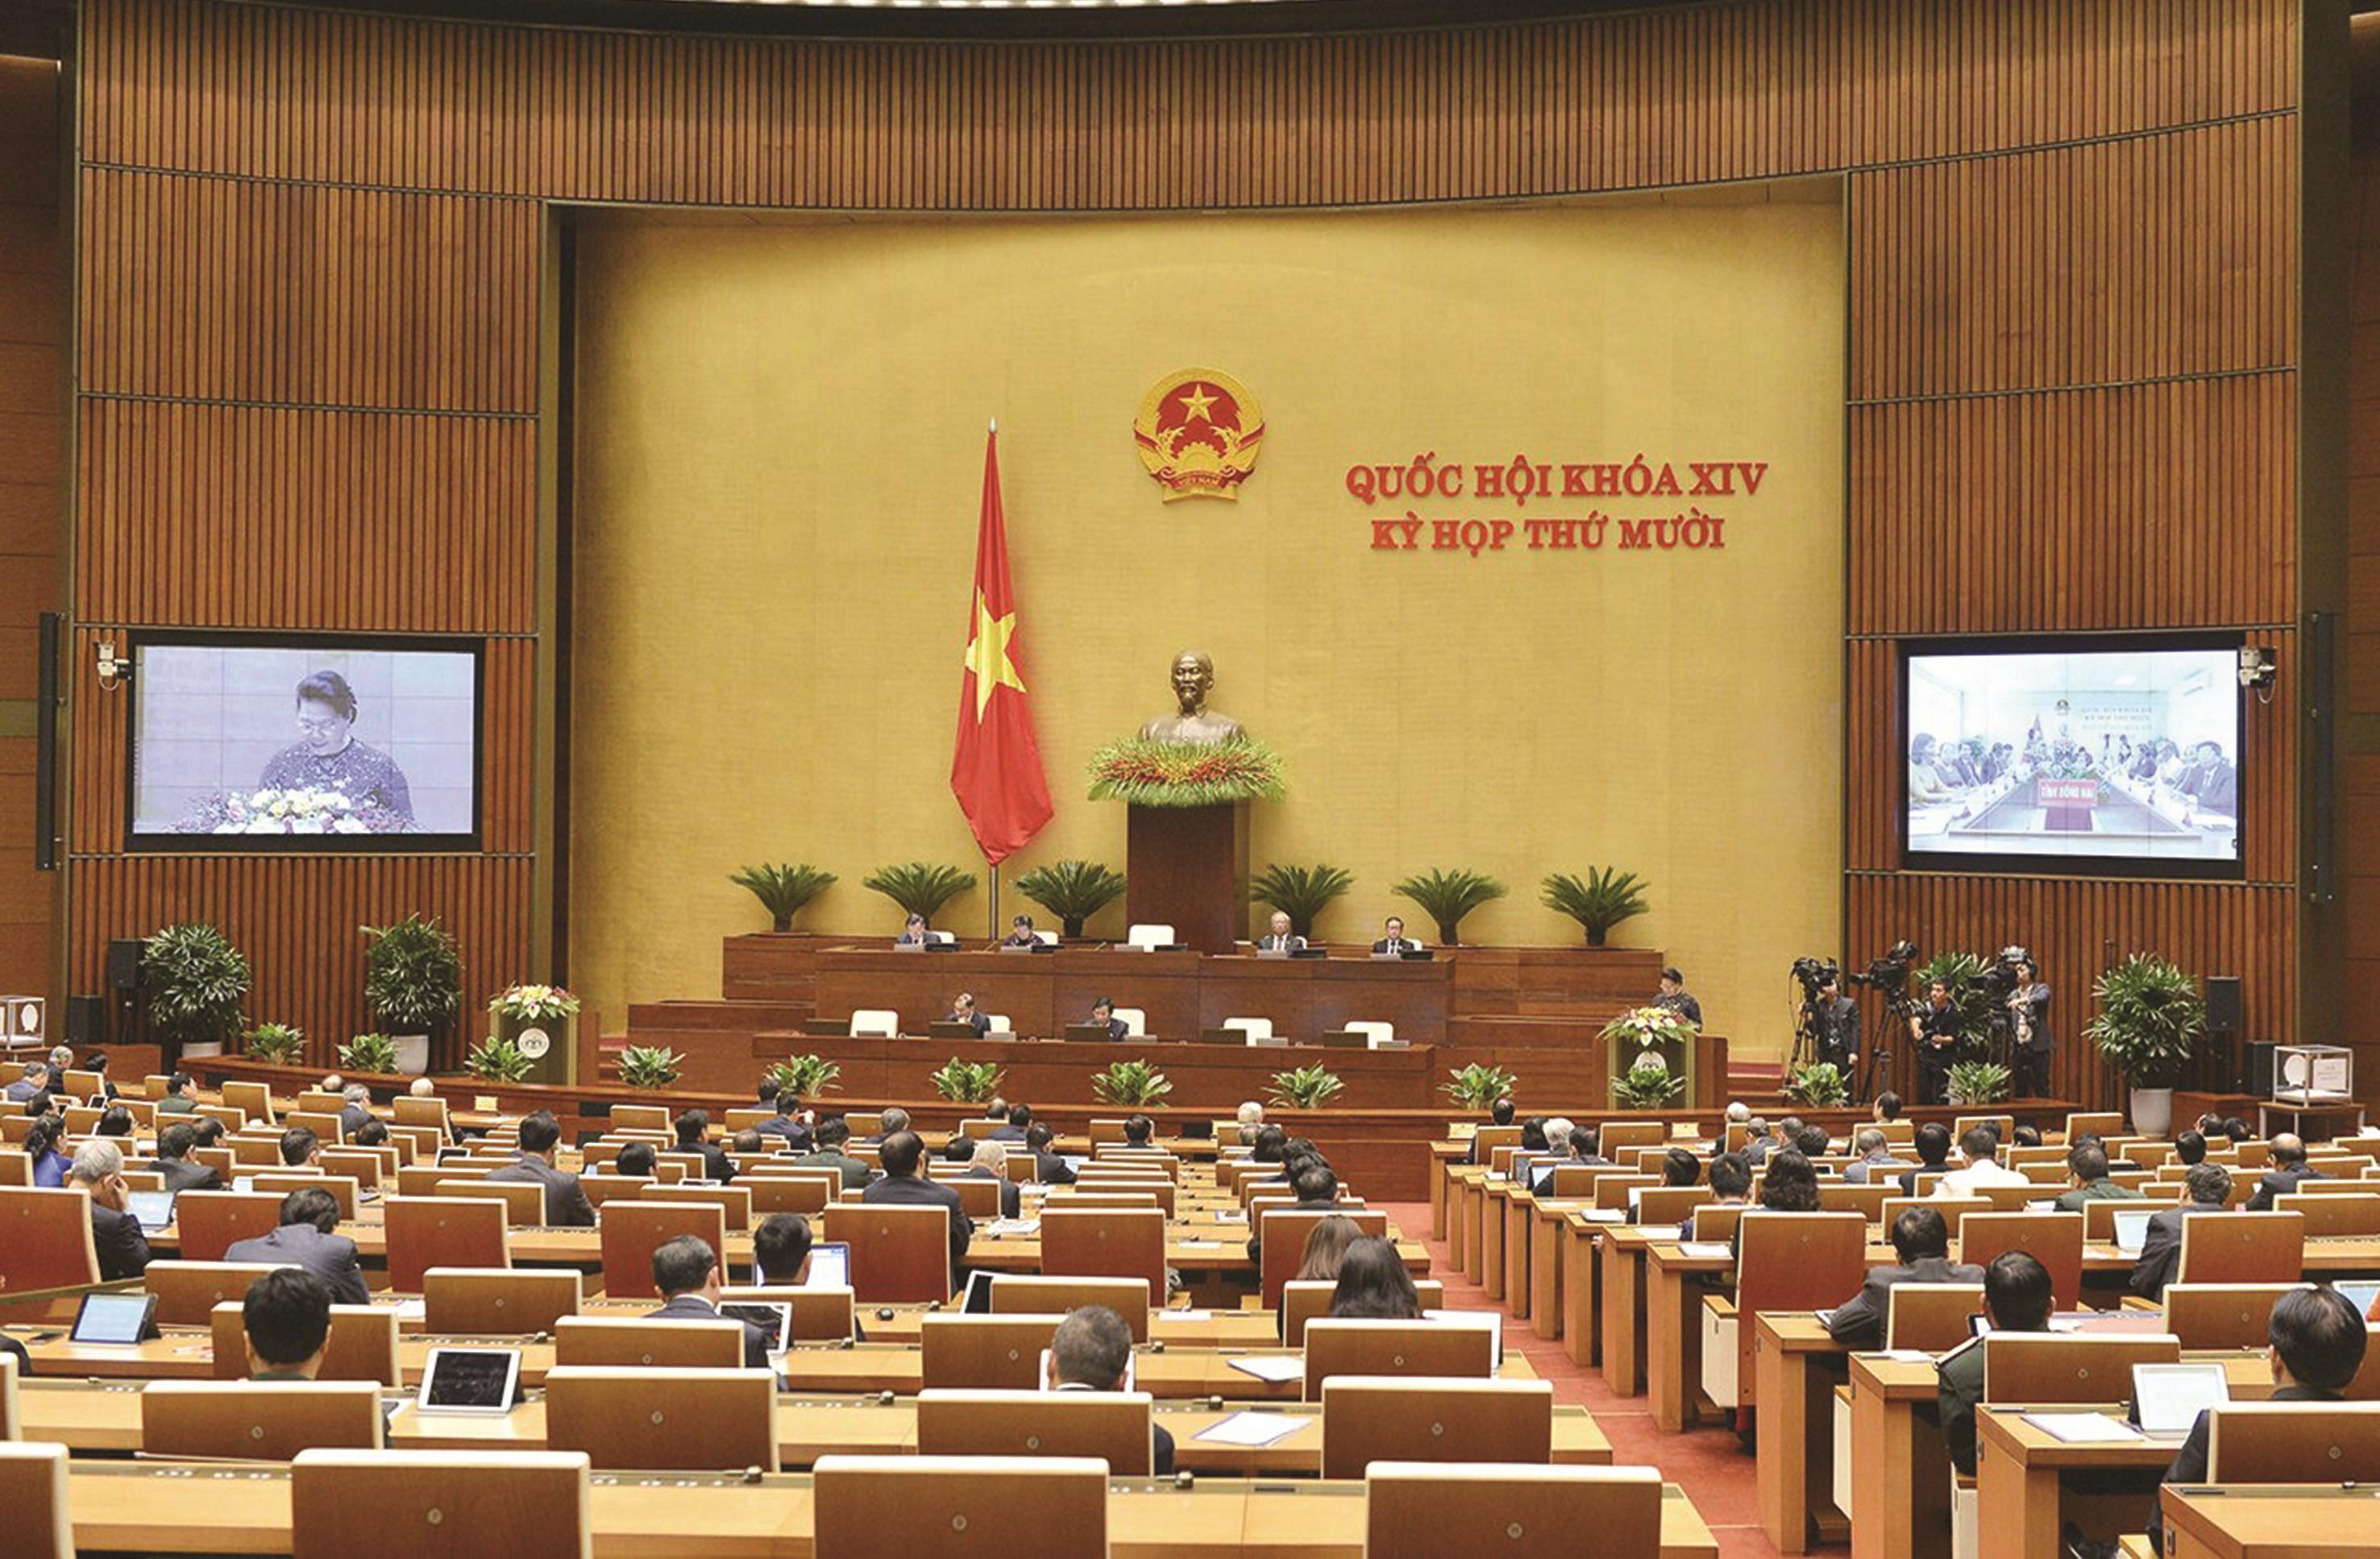 Kỳ họp thứ 10, Quốc hội khóa XIV đang diễn ra với nhiều nội dung quan trọng